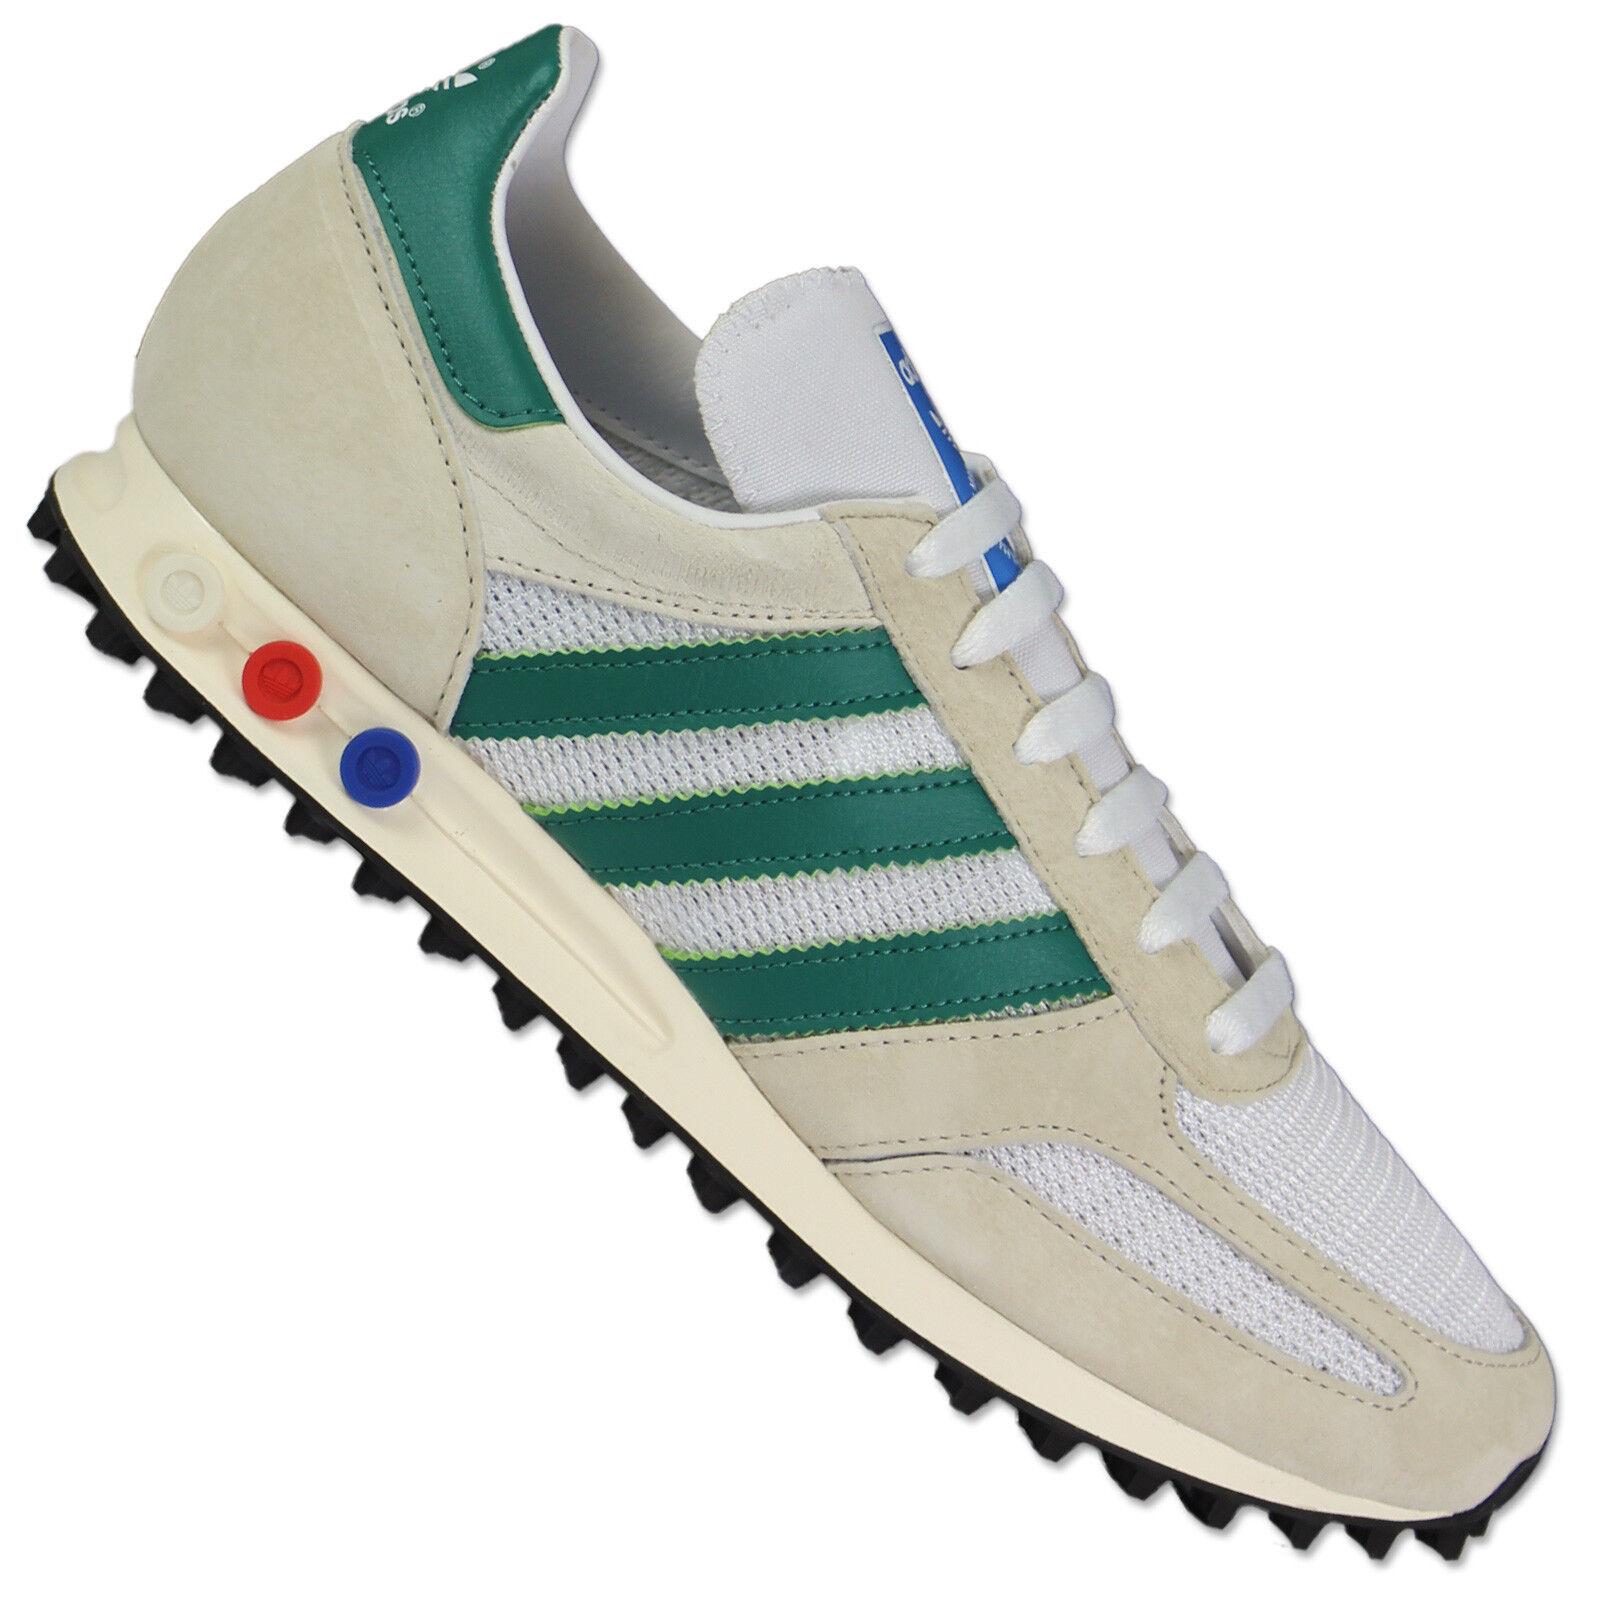 ADIDAS Originals LA Trainer Trainer Trainer scarpe da ginnastica Donna Scarpe Da Corsa Tempo Libero Scarpe Da Ginnastica c619be